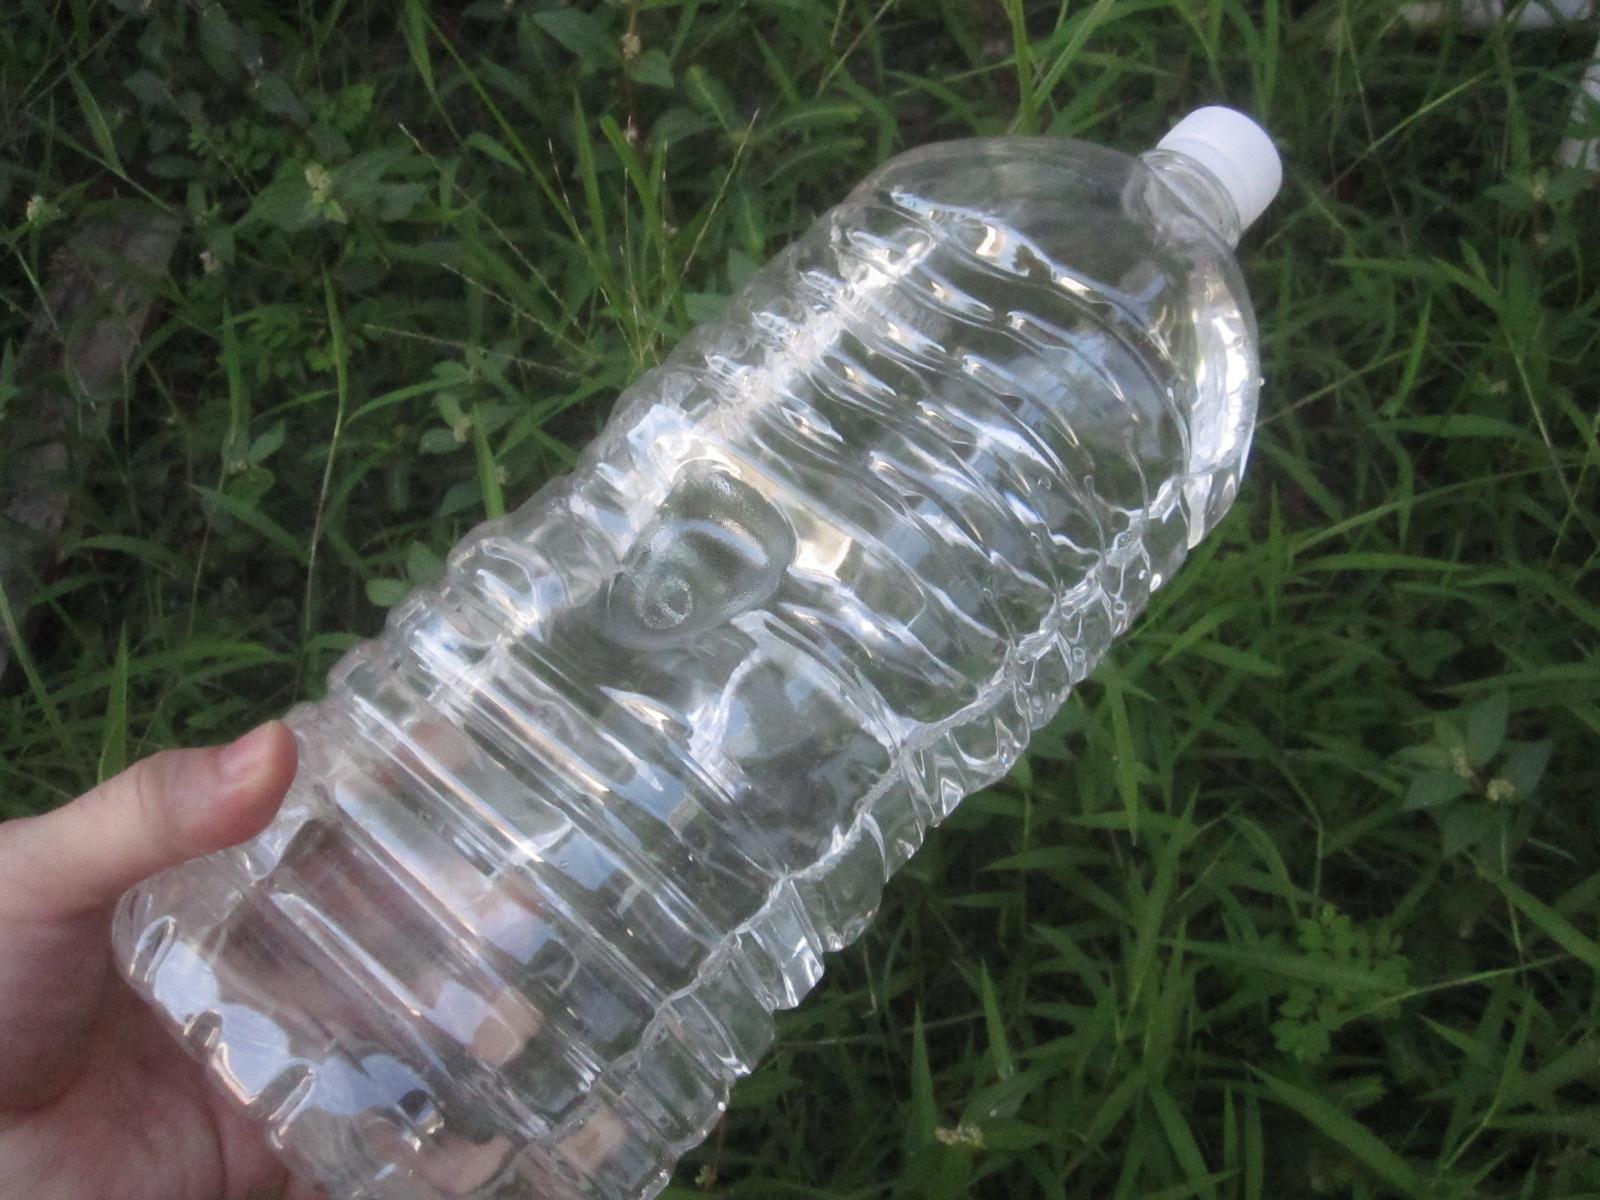 蚊の幼虫ボウフラを駆除できず使い道が無くなったペットボトルの海水